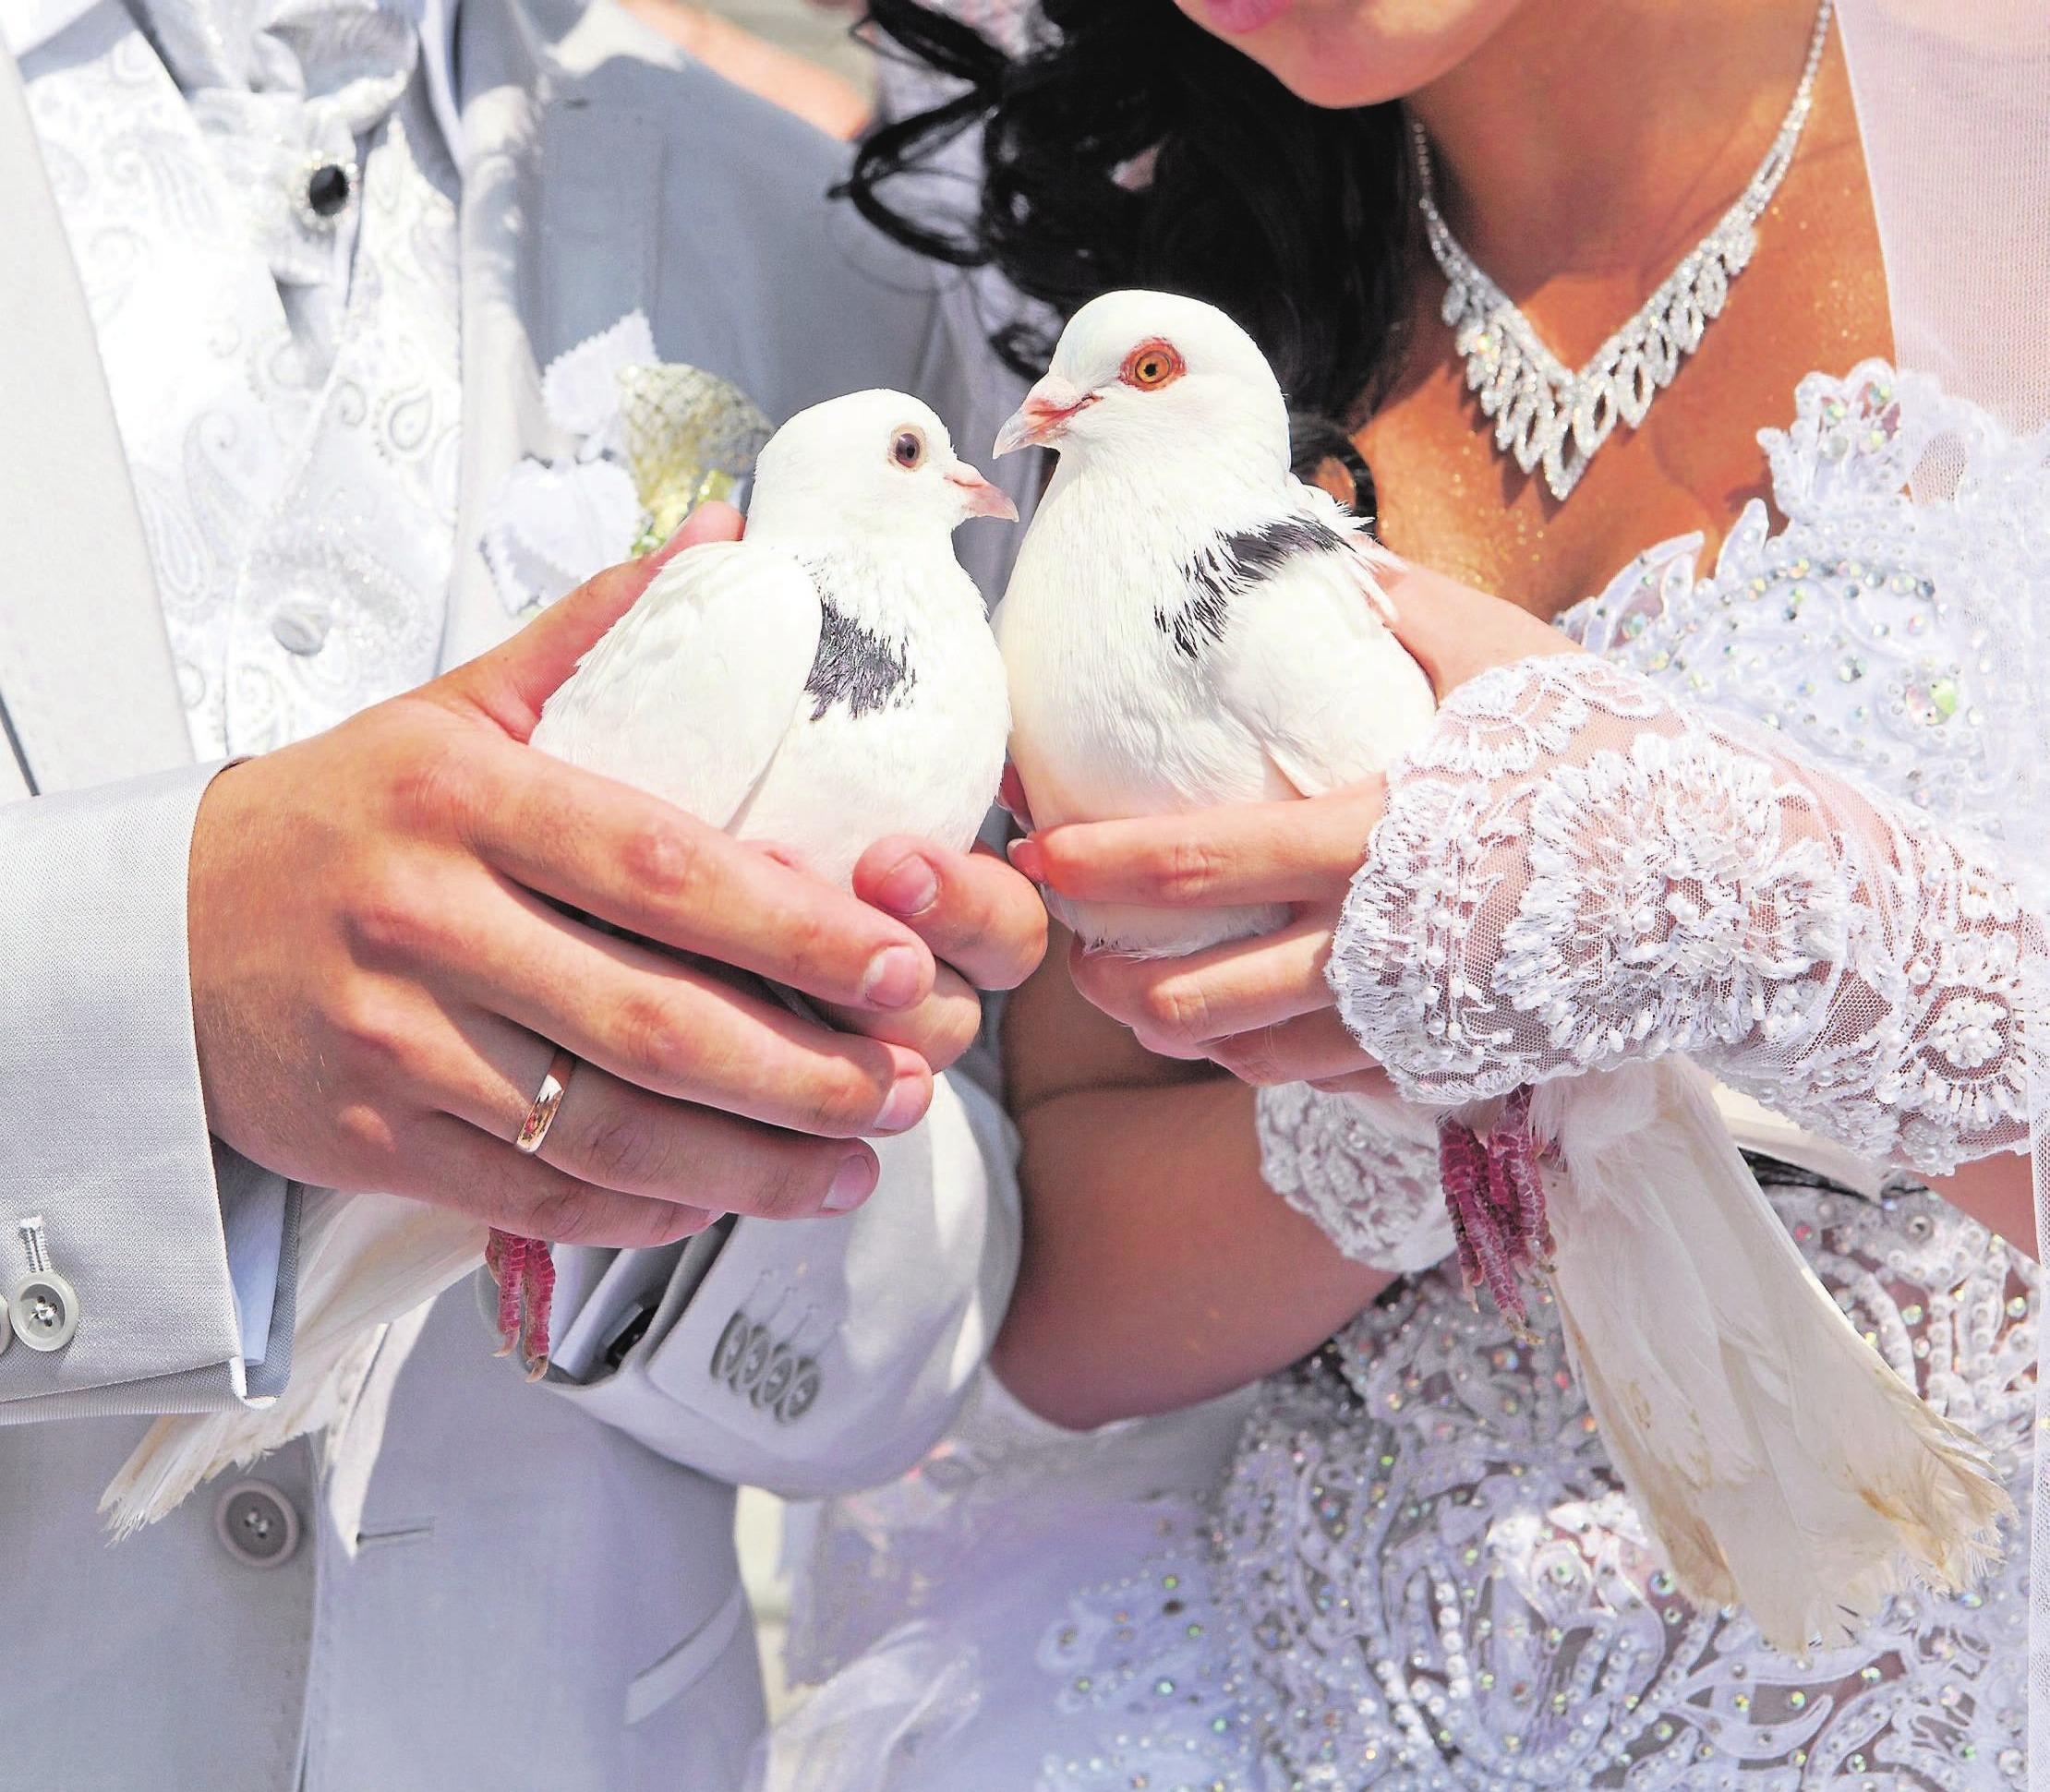 Verlobungs- und Trauringe stehen für die tiefe Verbundenheit zweier Menschen und sind die wohl schönsten und persönlichsten Schmuckstücke. Foto: 123rf/Dmitry Chapurin